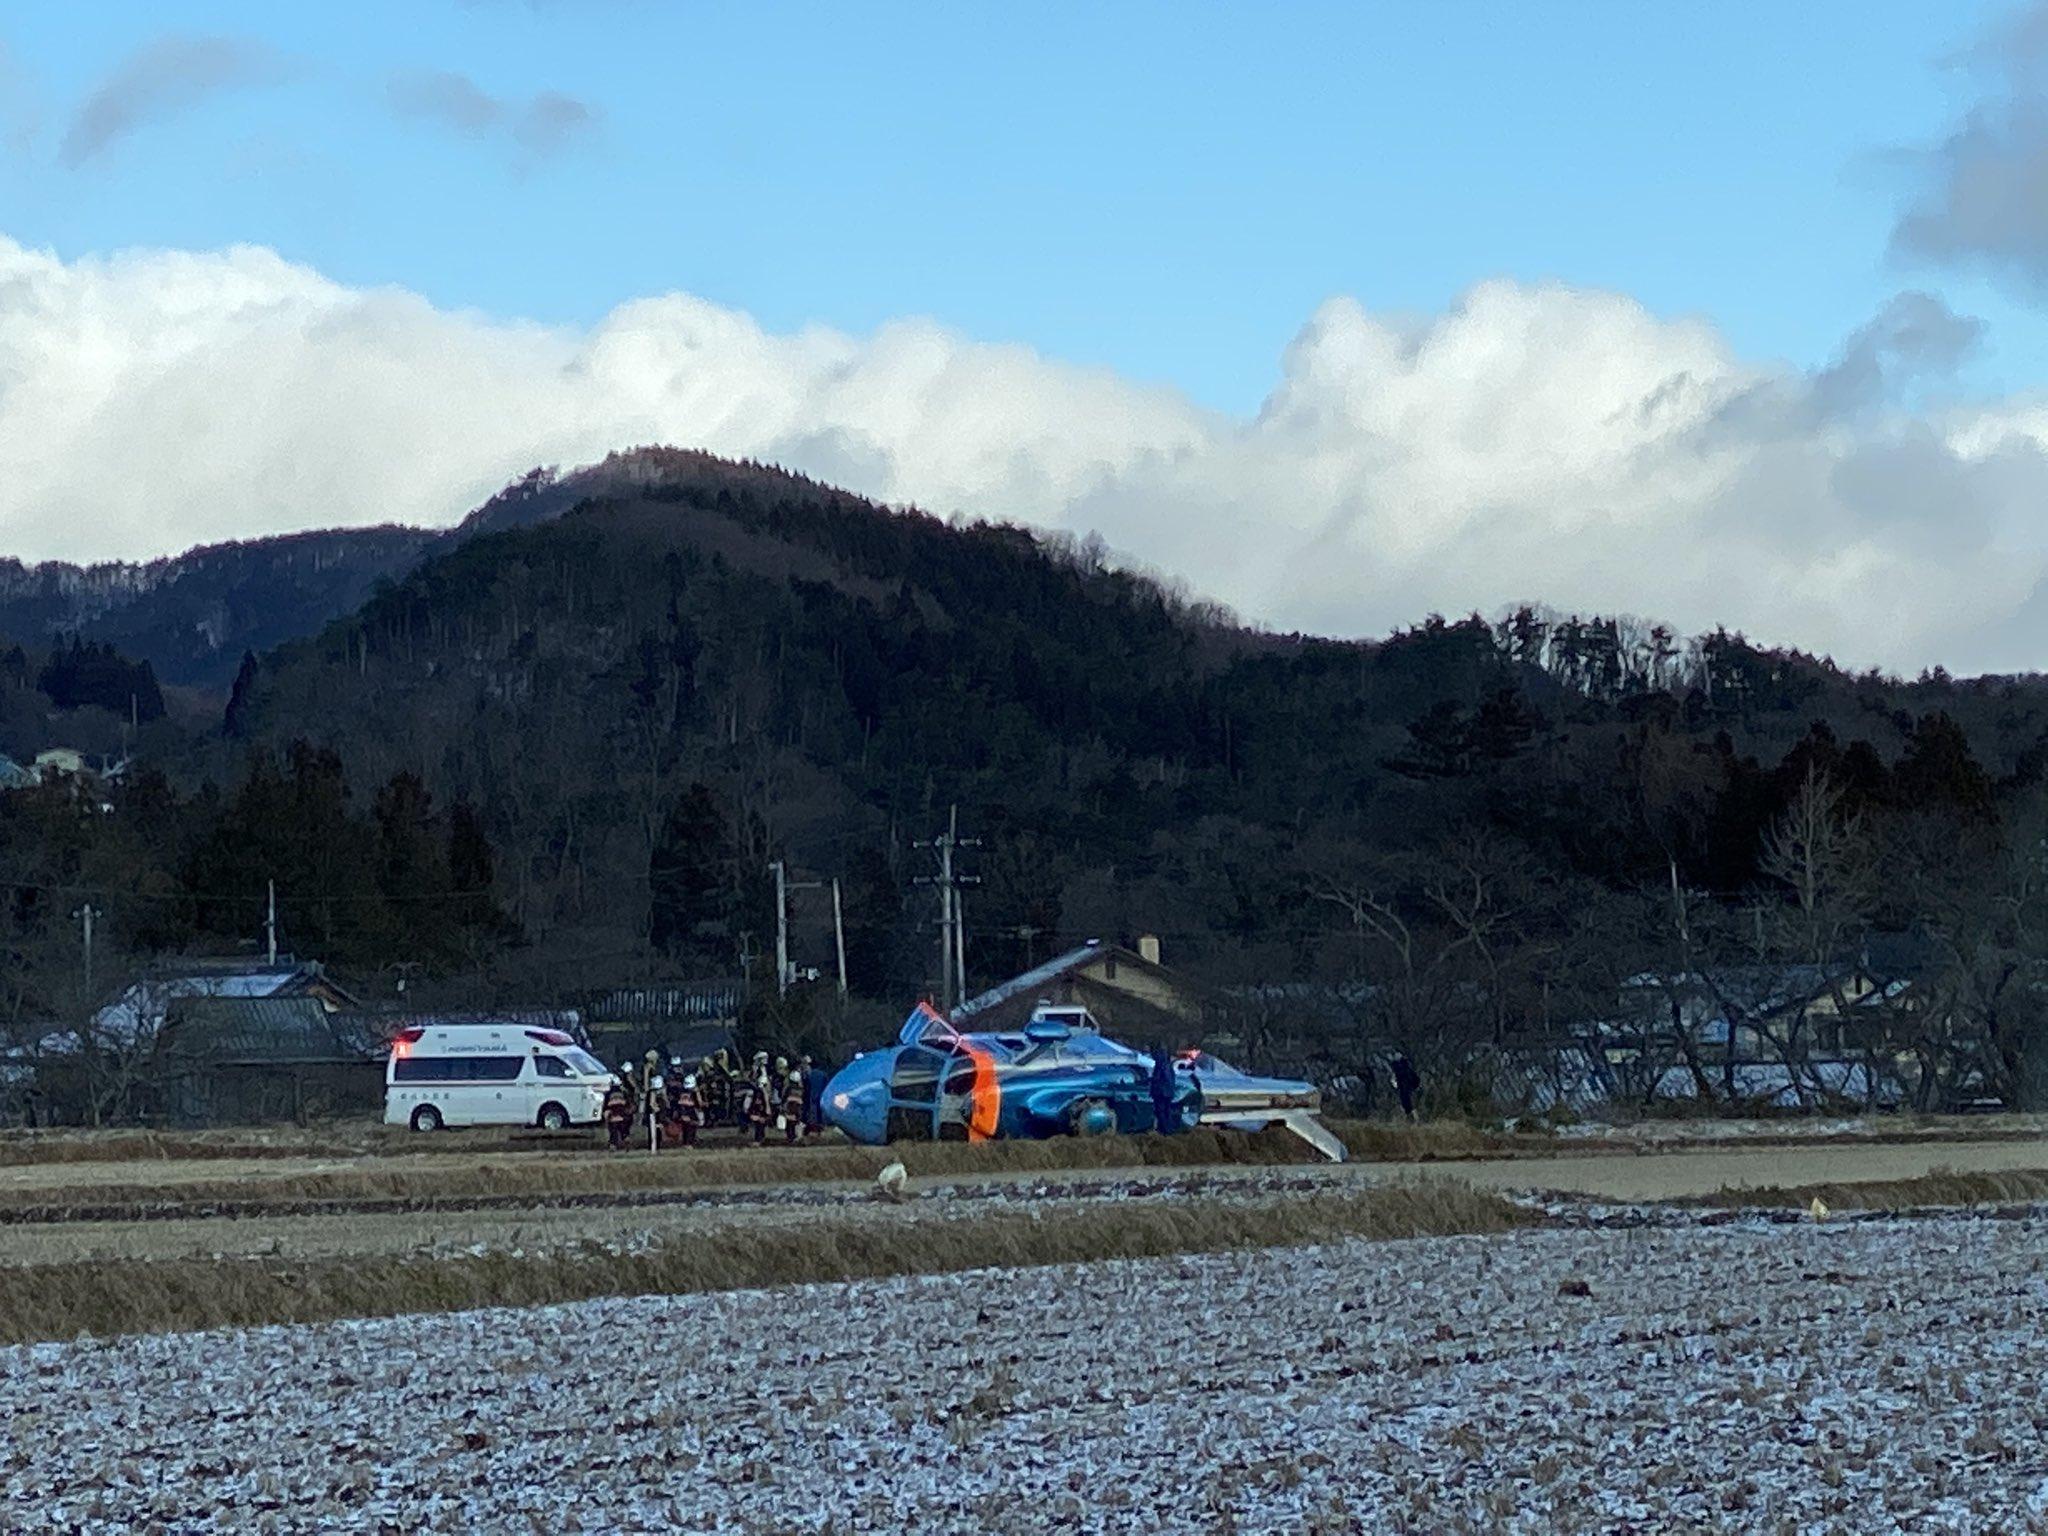 郡山市三穂田町で福島県警のヘリコプターが墜落した事故現場の画像